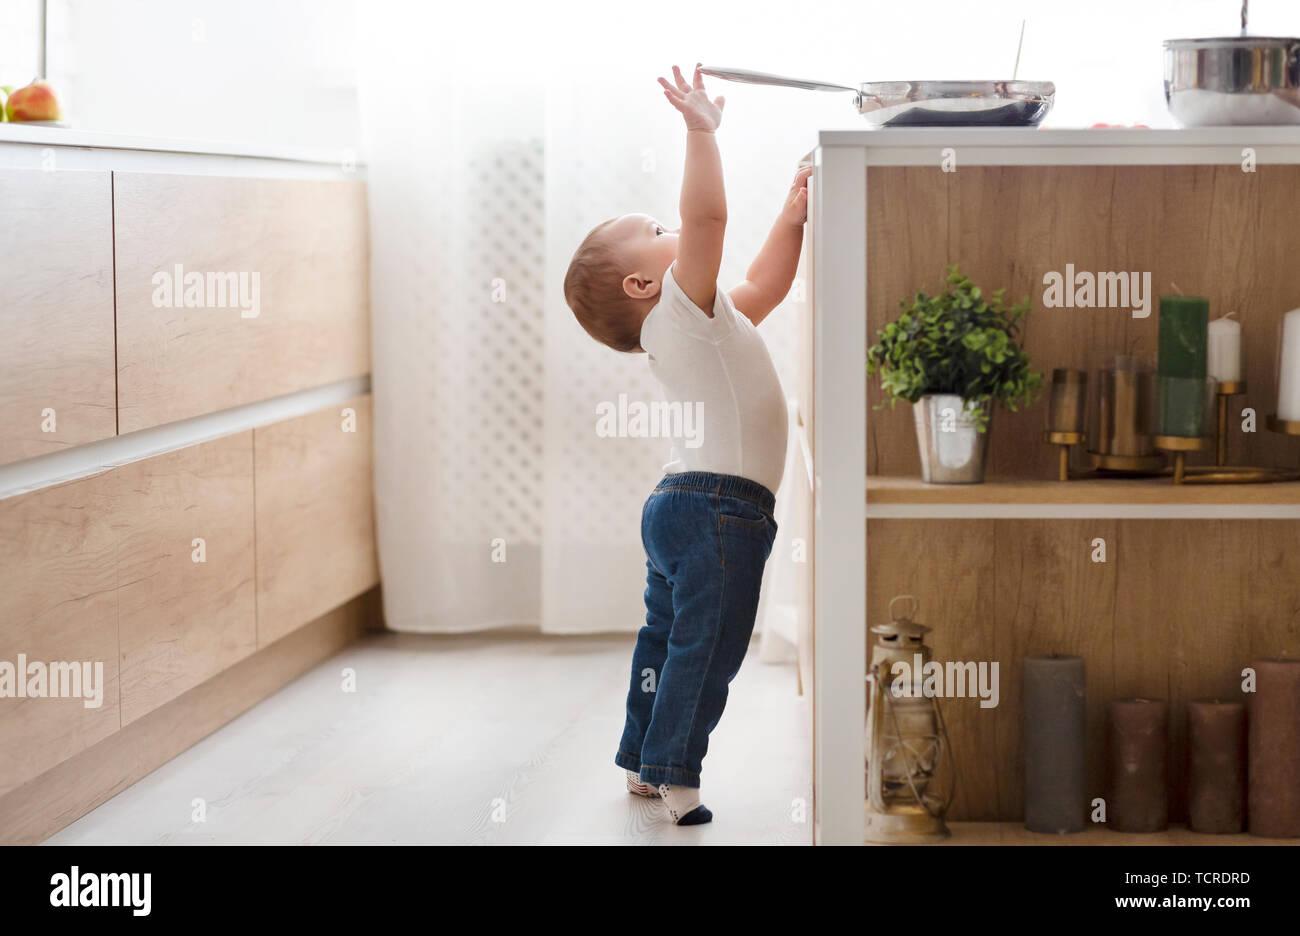 Seguridad infantil en casa concepto - toddler alcanzando por el pan en la estufa en la cocina Foto de stock